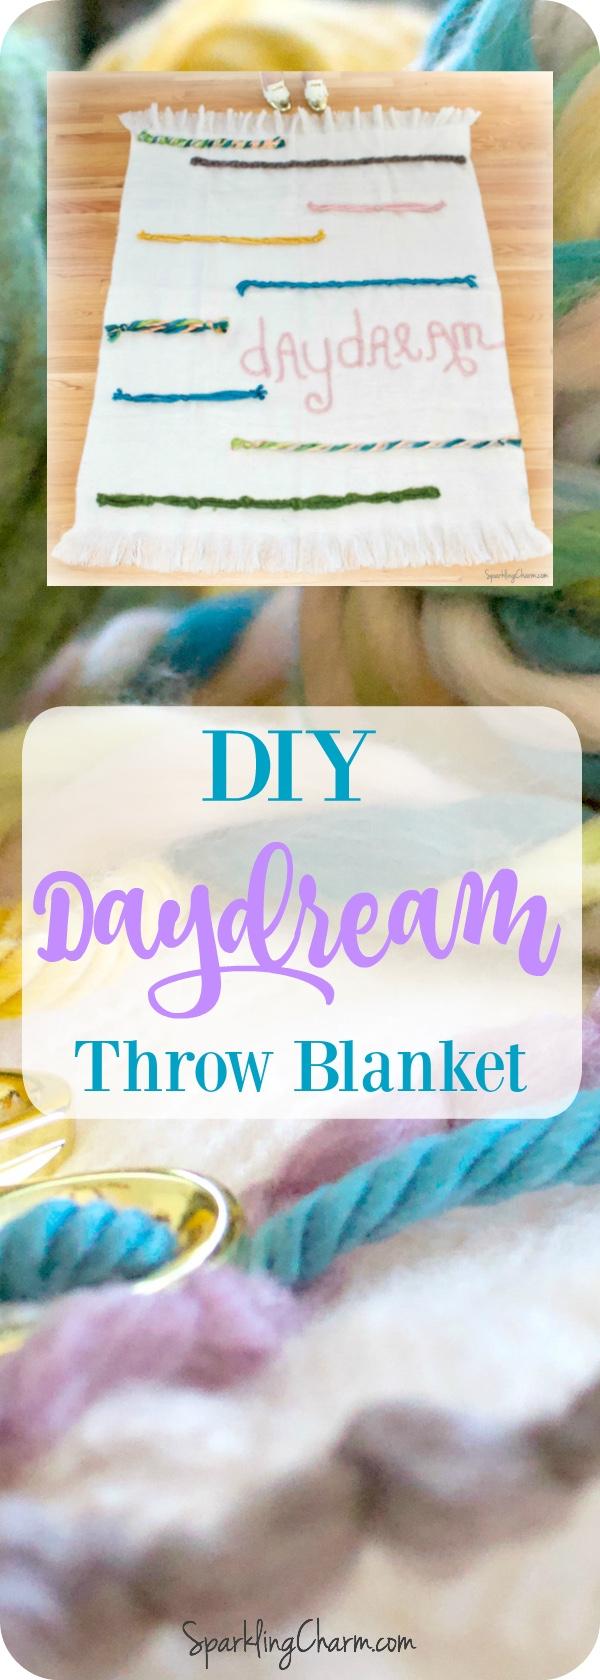 DIY Daydream Throw Blanket